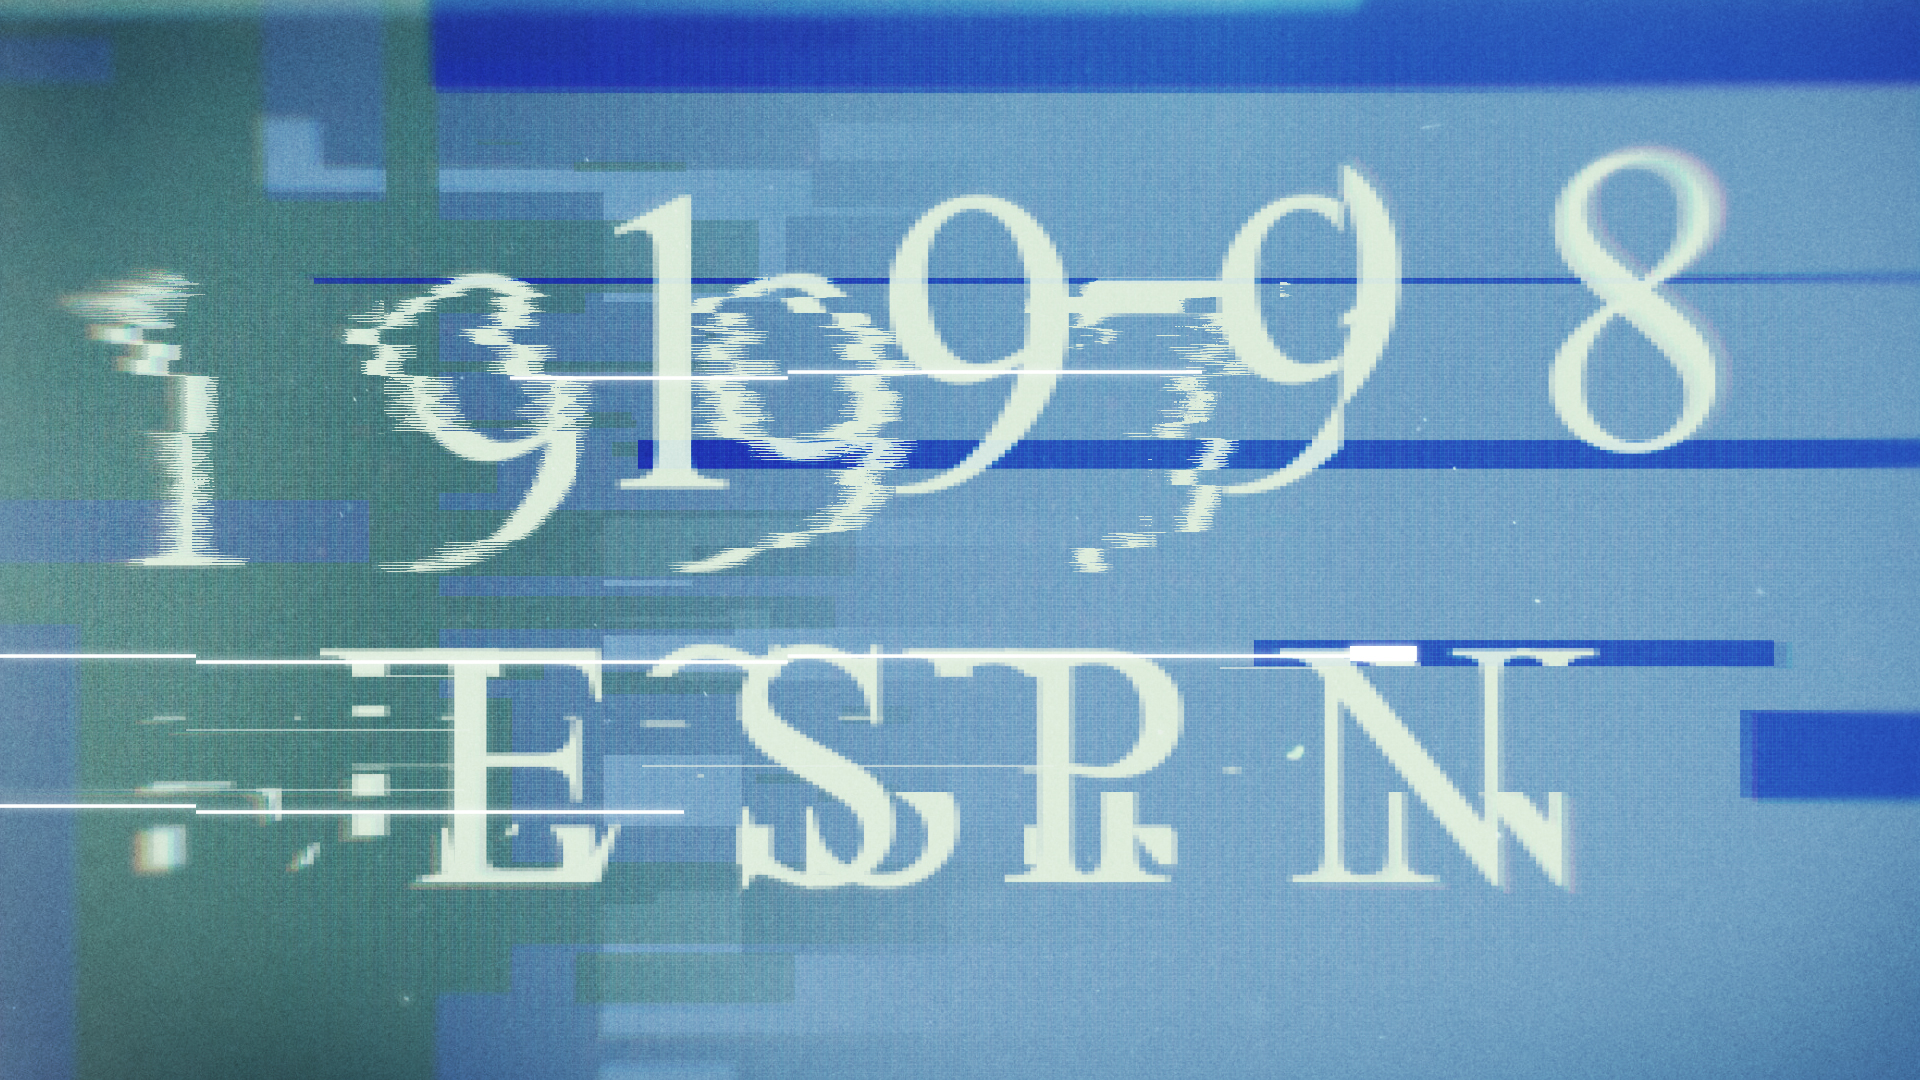 '1997-98 ESPN_TRANS_00000.jpg